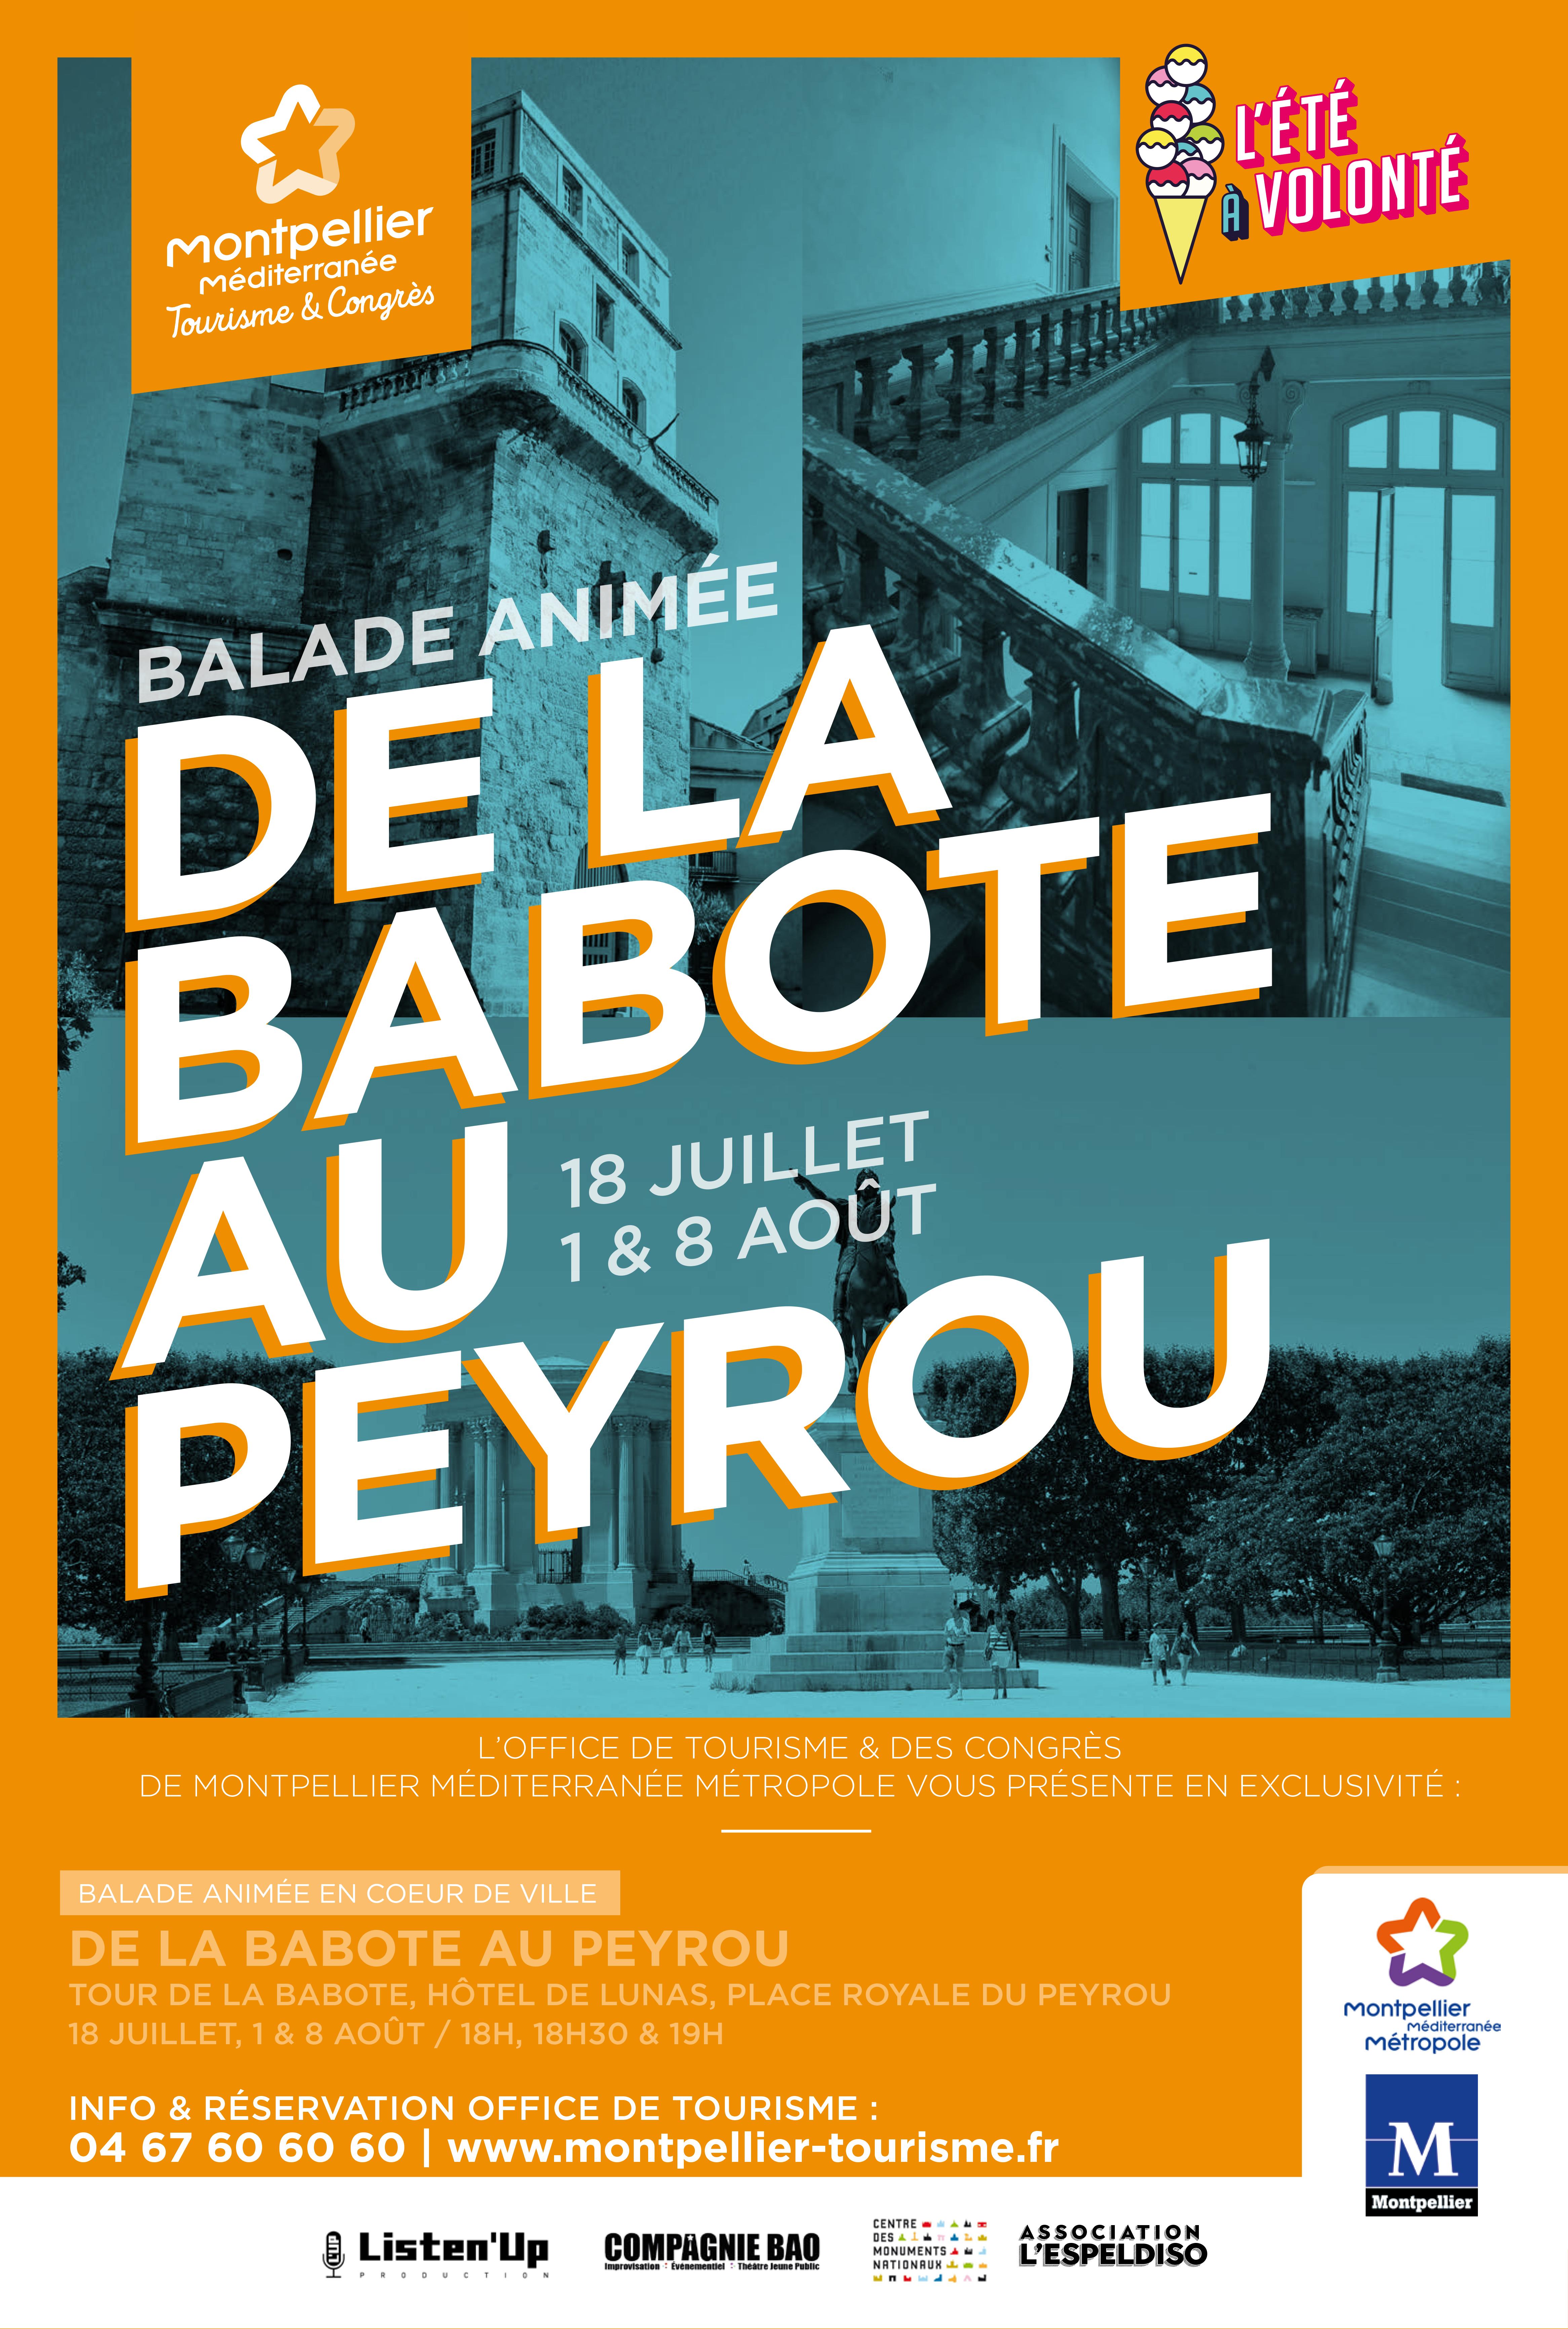 Affiche Balade animée de la Babote au Peyrou à Montpellier